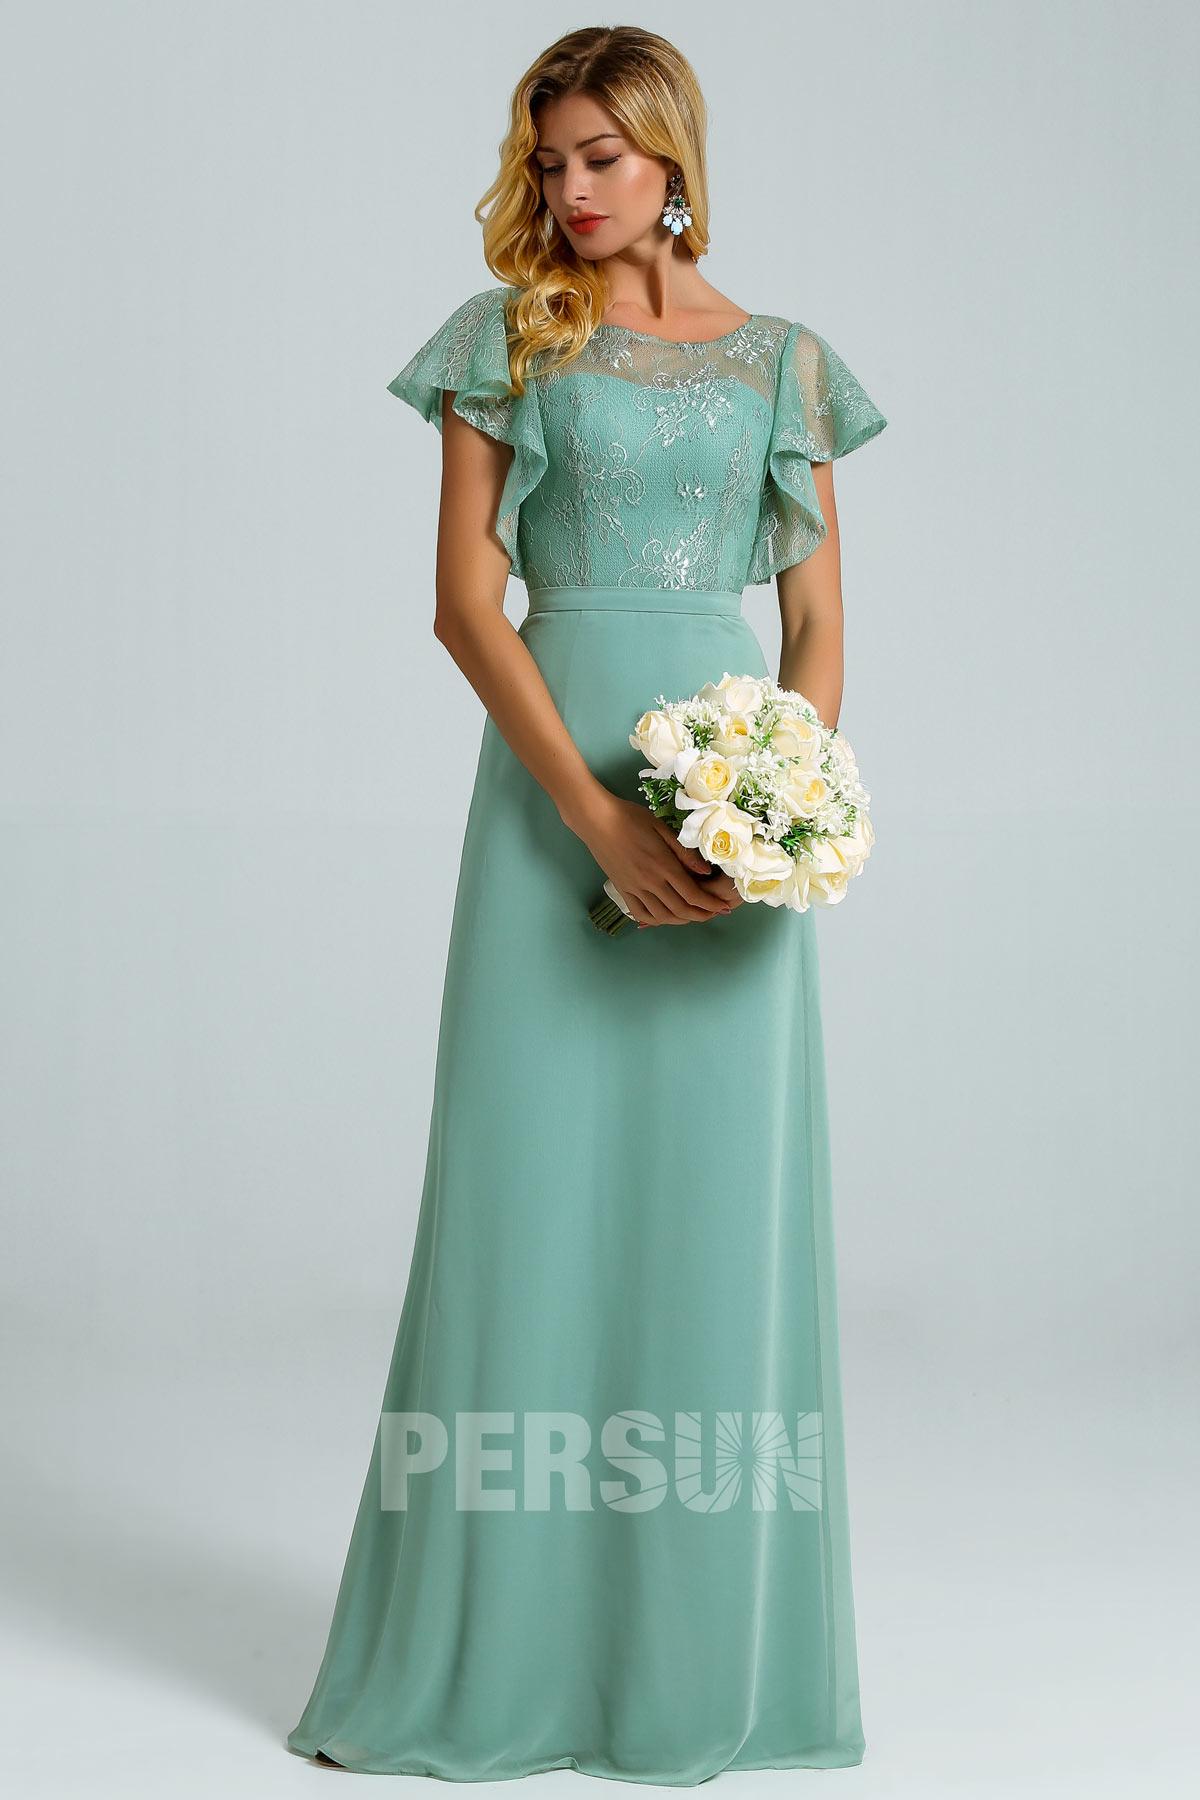 robe pour un mariage vert jade dos découpé haut en dentelle florale à manche courte volant